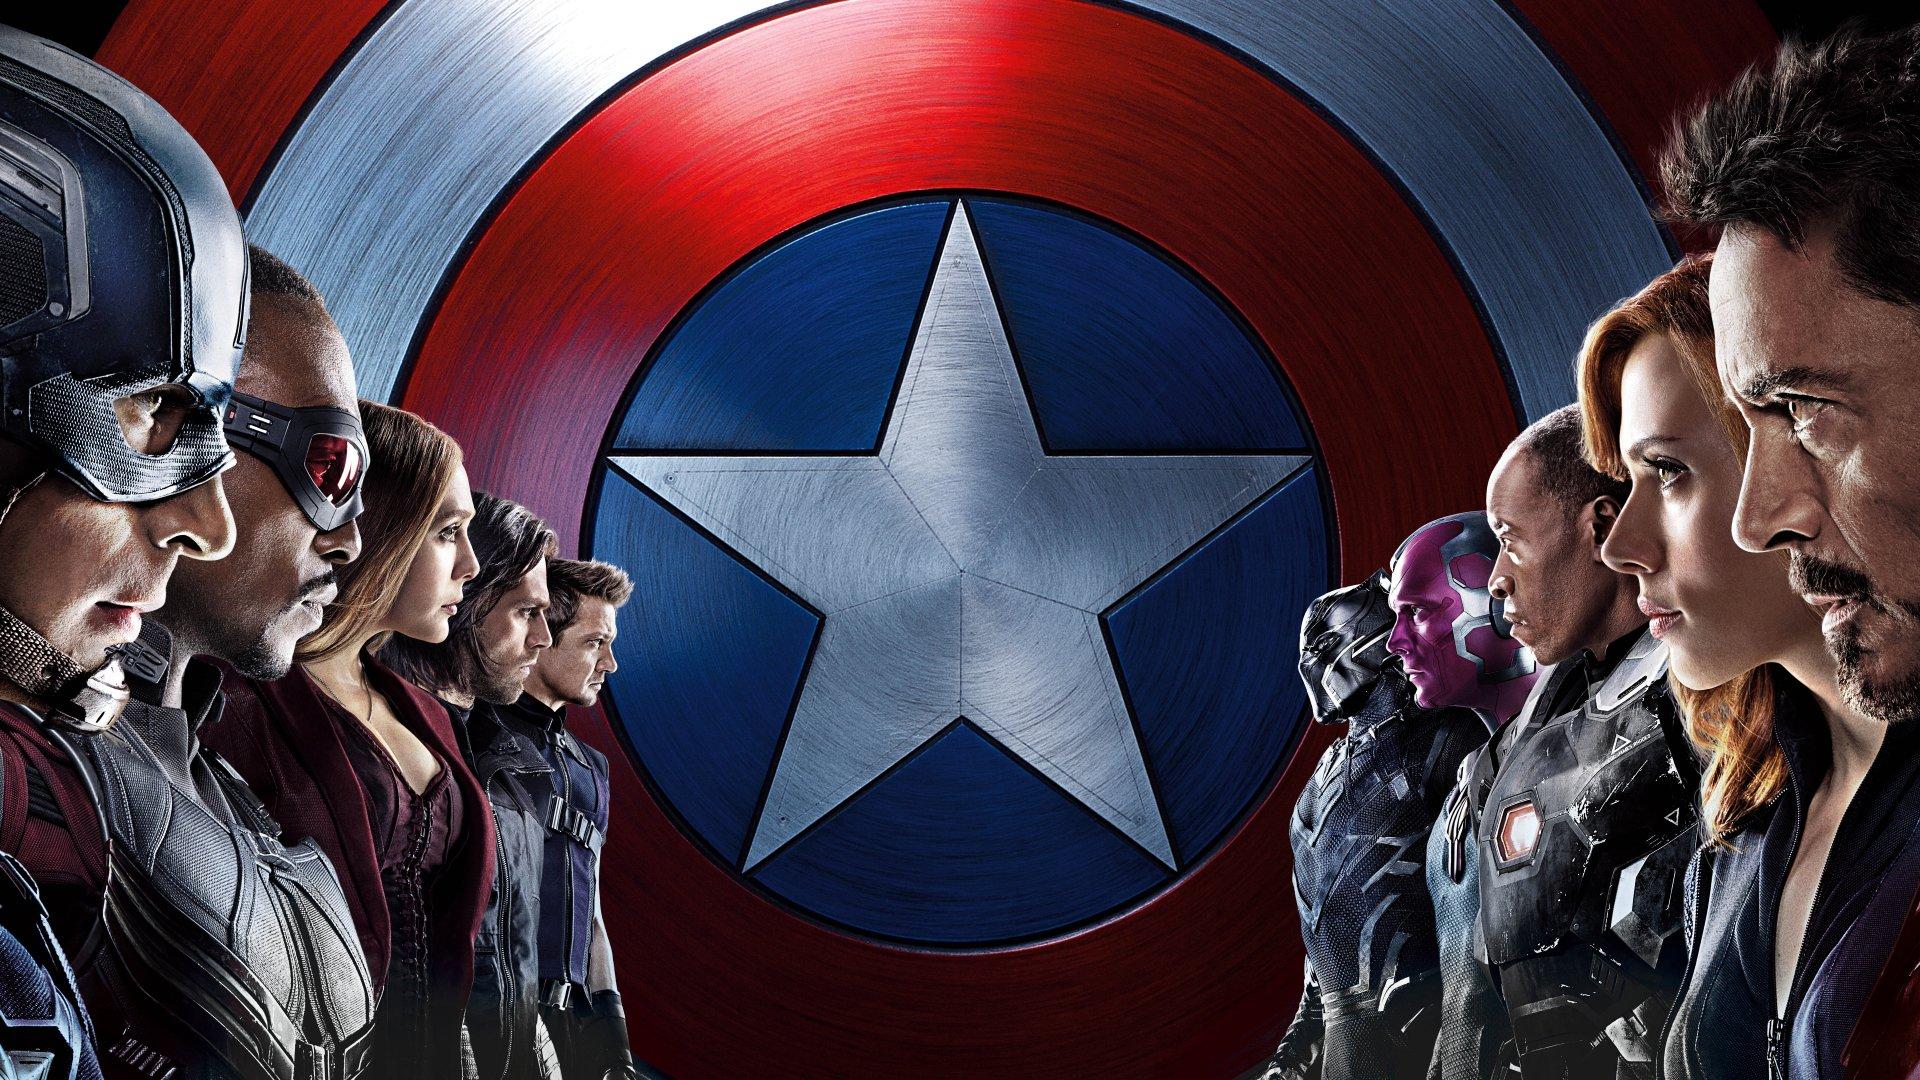 Capitão América 4 está supostamente em desenvolvimento nos estúdios da Marvel e Disney, com o principal criador da série do Disney Plus.